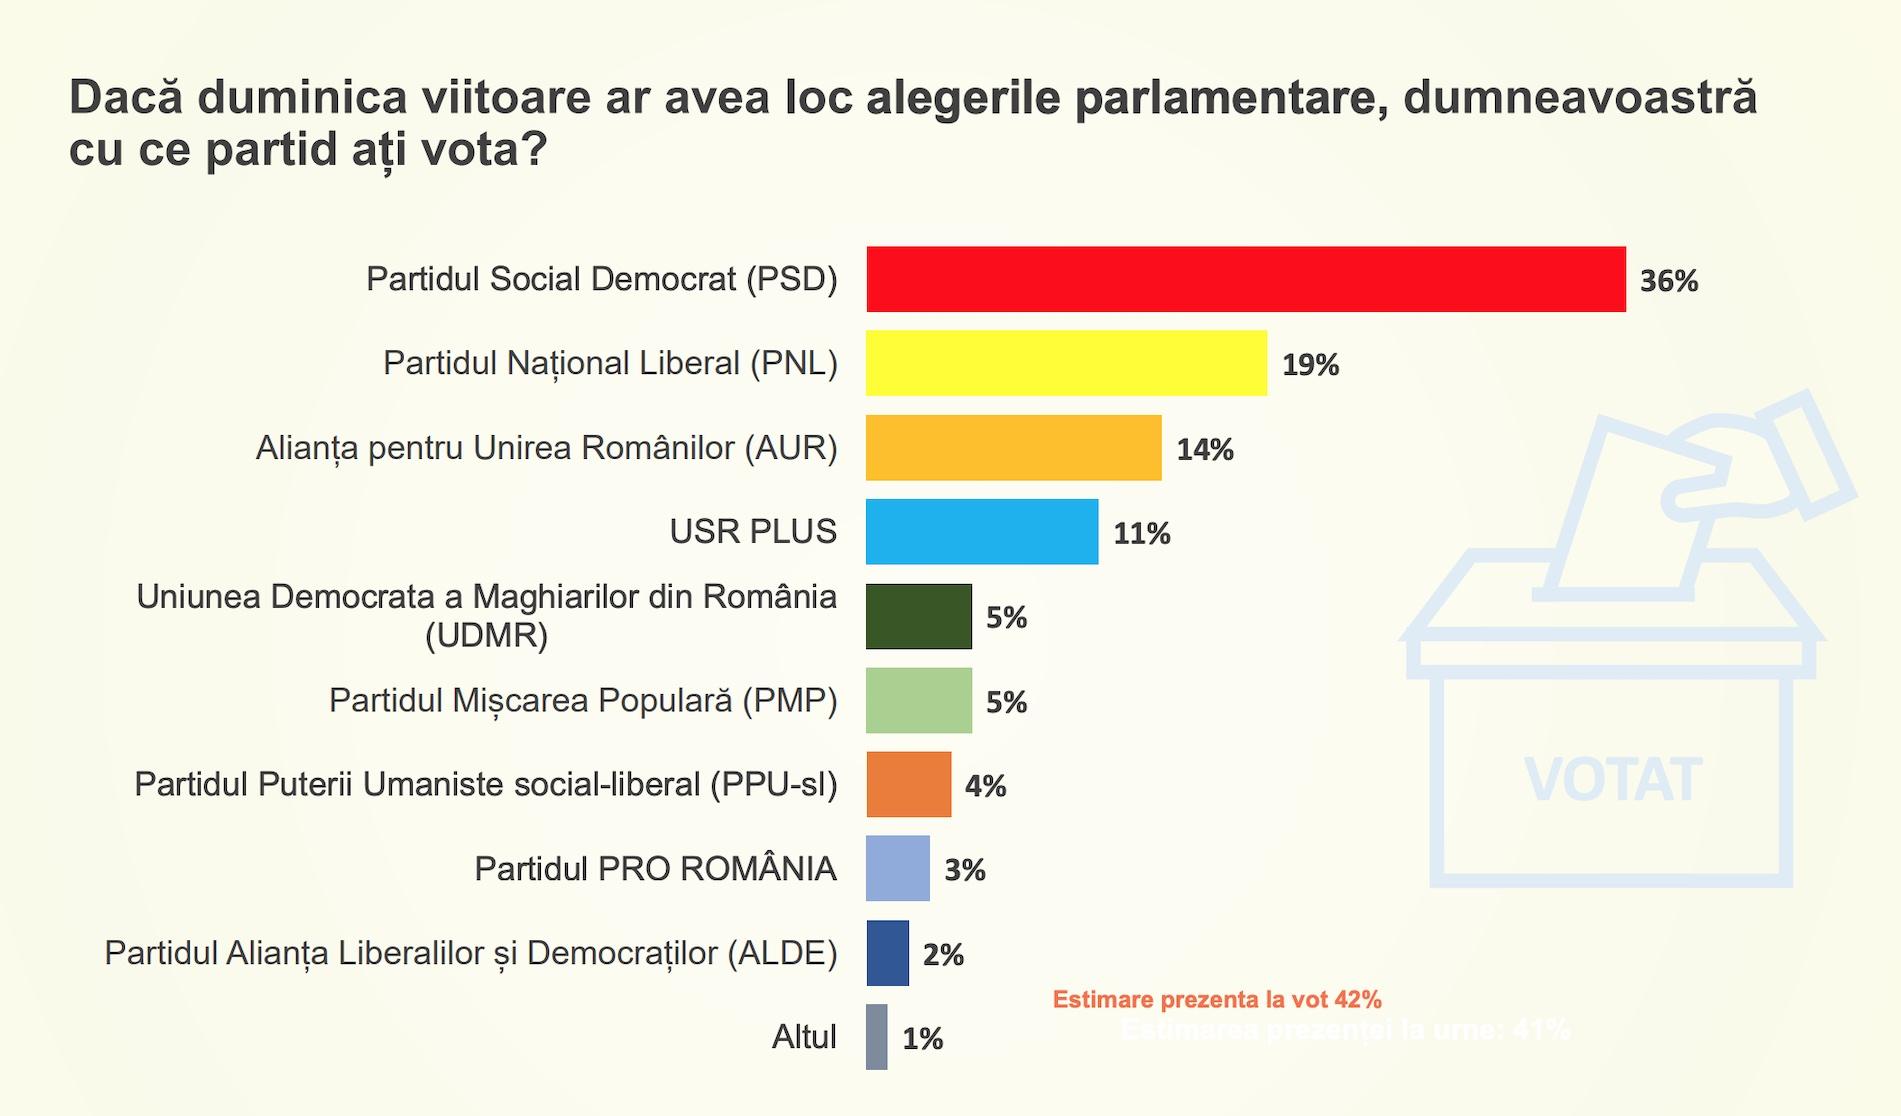 Sondaj CURS: PNL, UDMR și USR PLUS, împreună, au mai puțin decât PSD